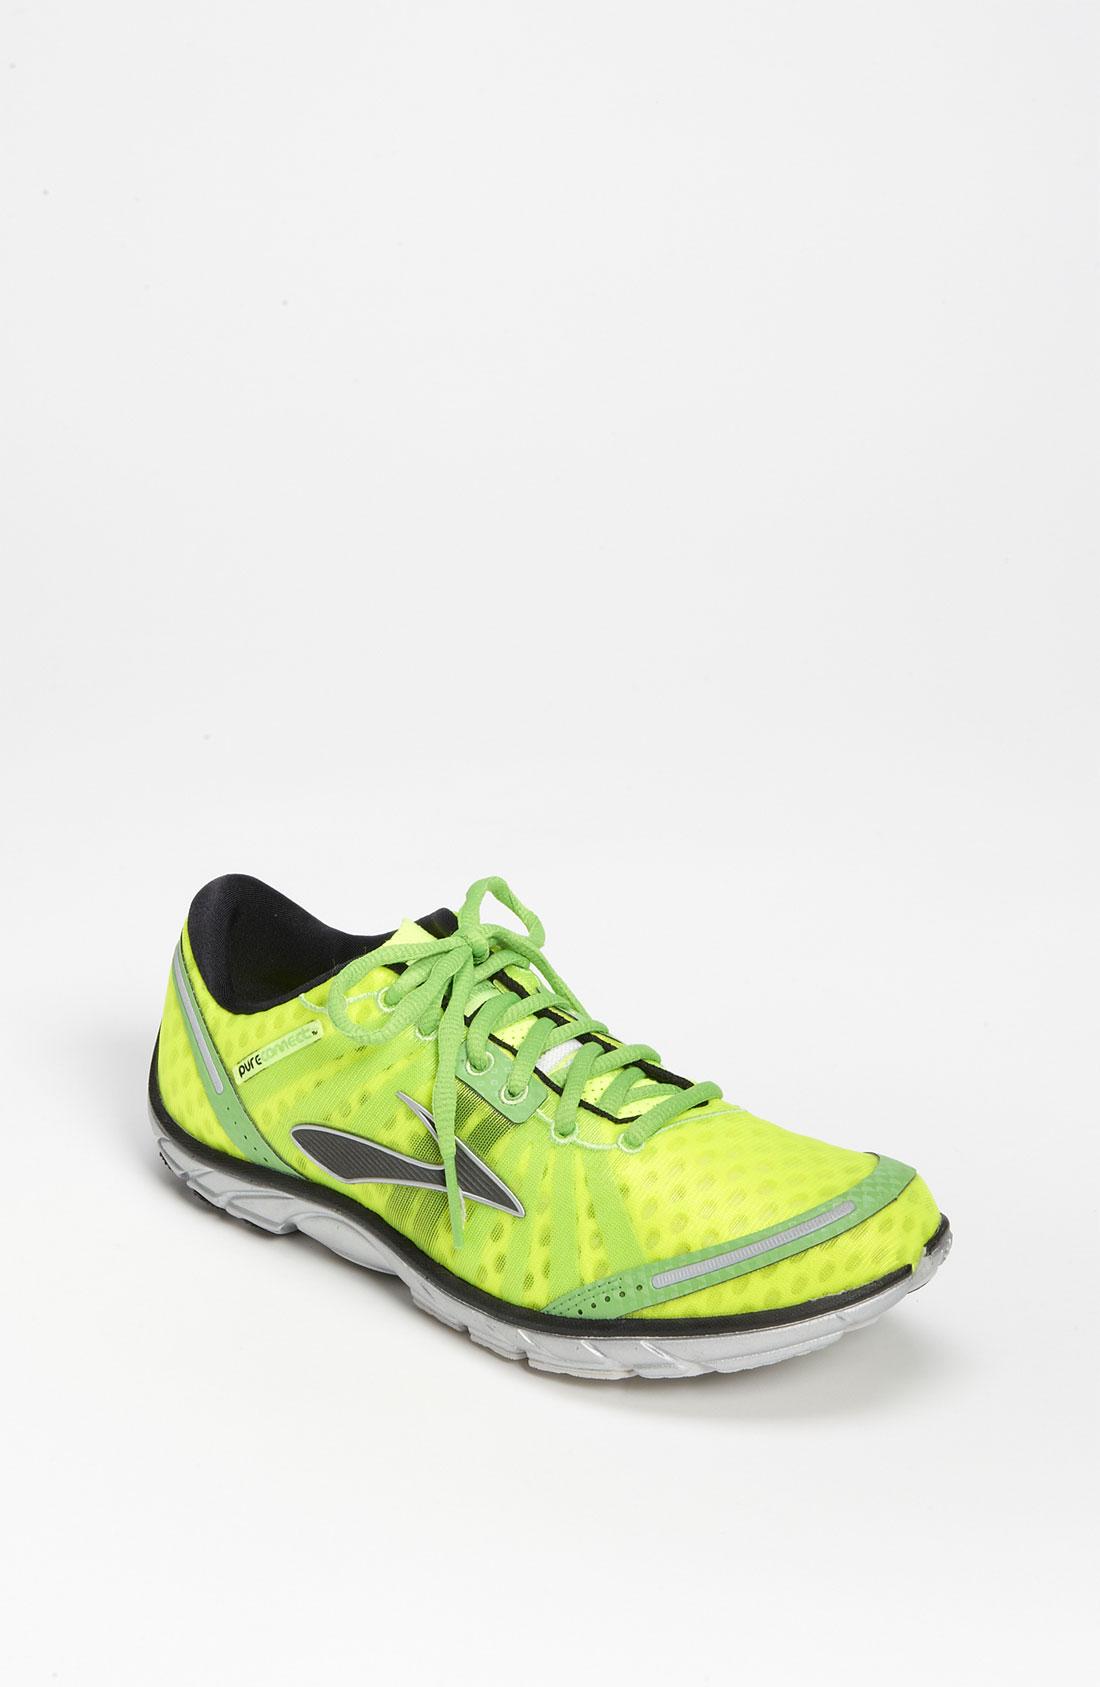 Brooks Split Toe Shoe